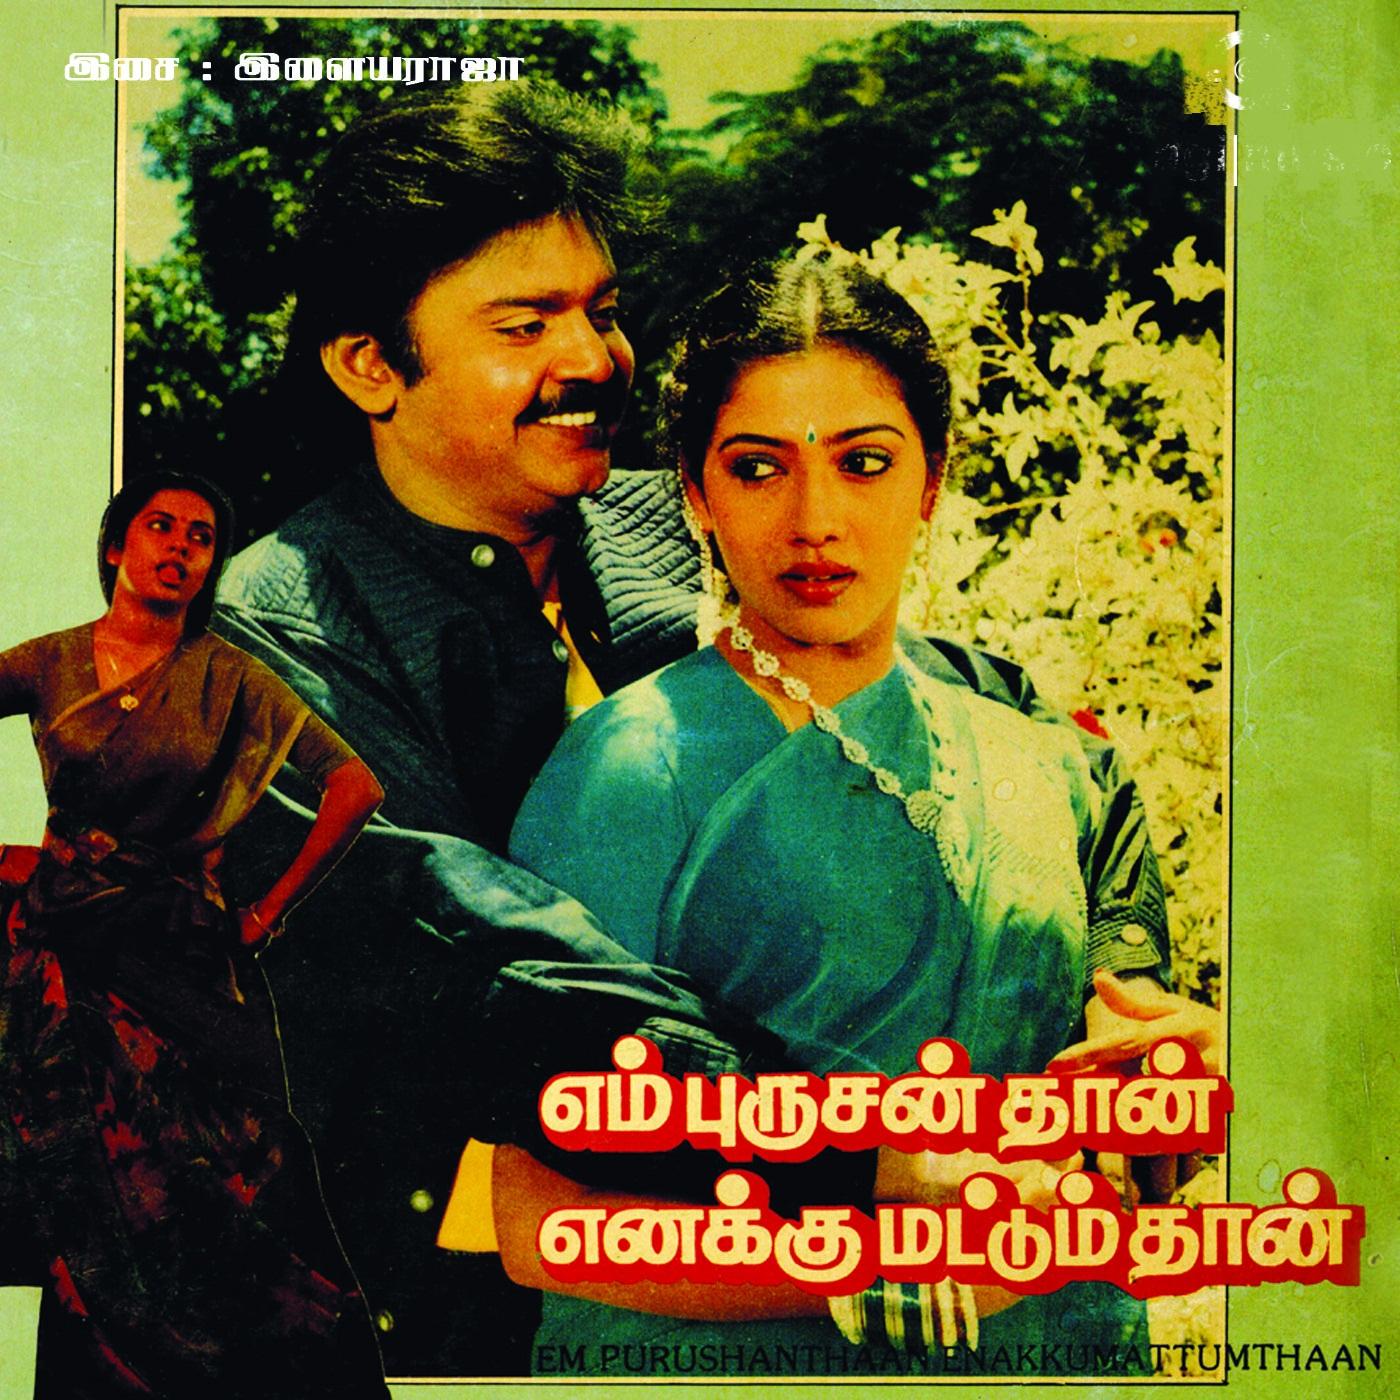 En Purushan Thaan Enakkum Mattum Thaan (1989) - IMDb